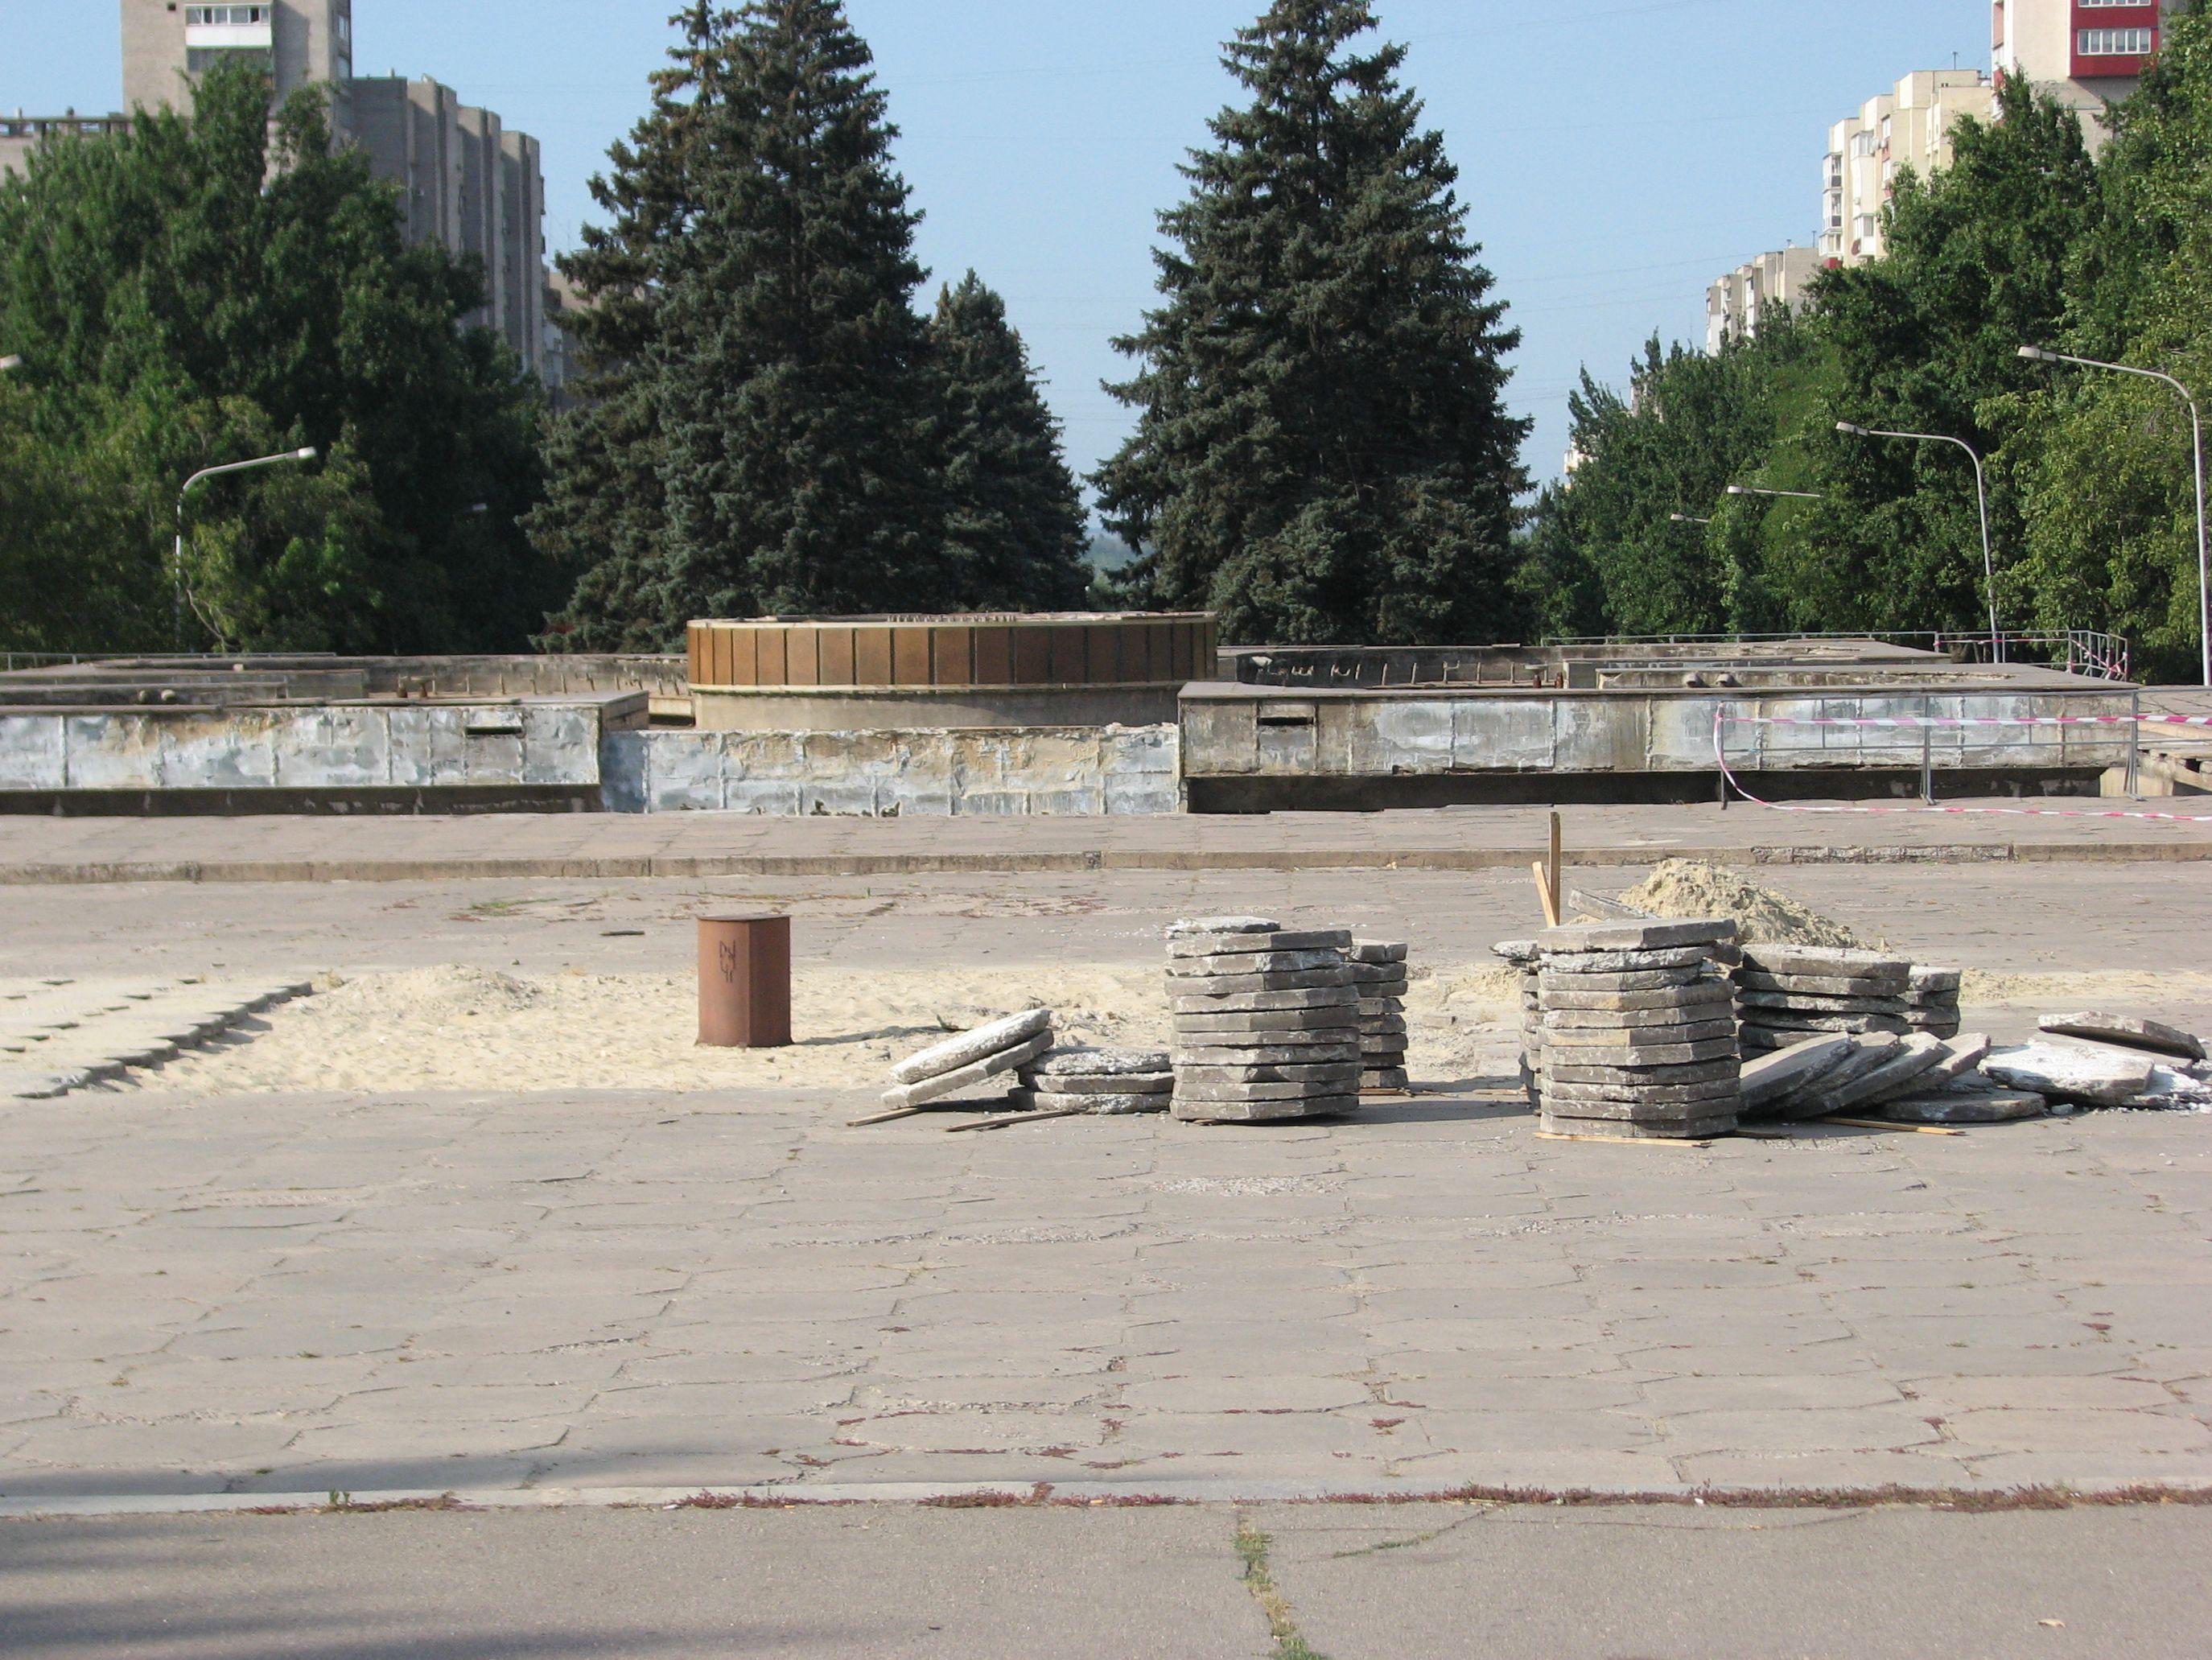 В 2017 году начнется масштабная реконструкция фонтана на площади Фестивальной